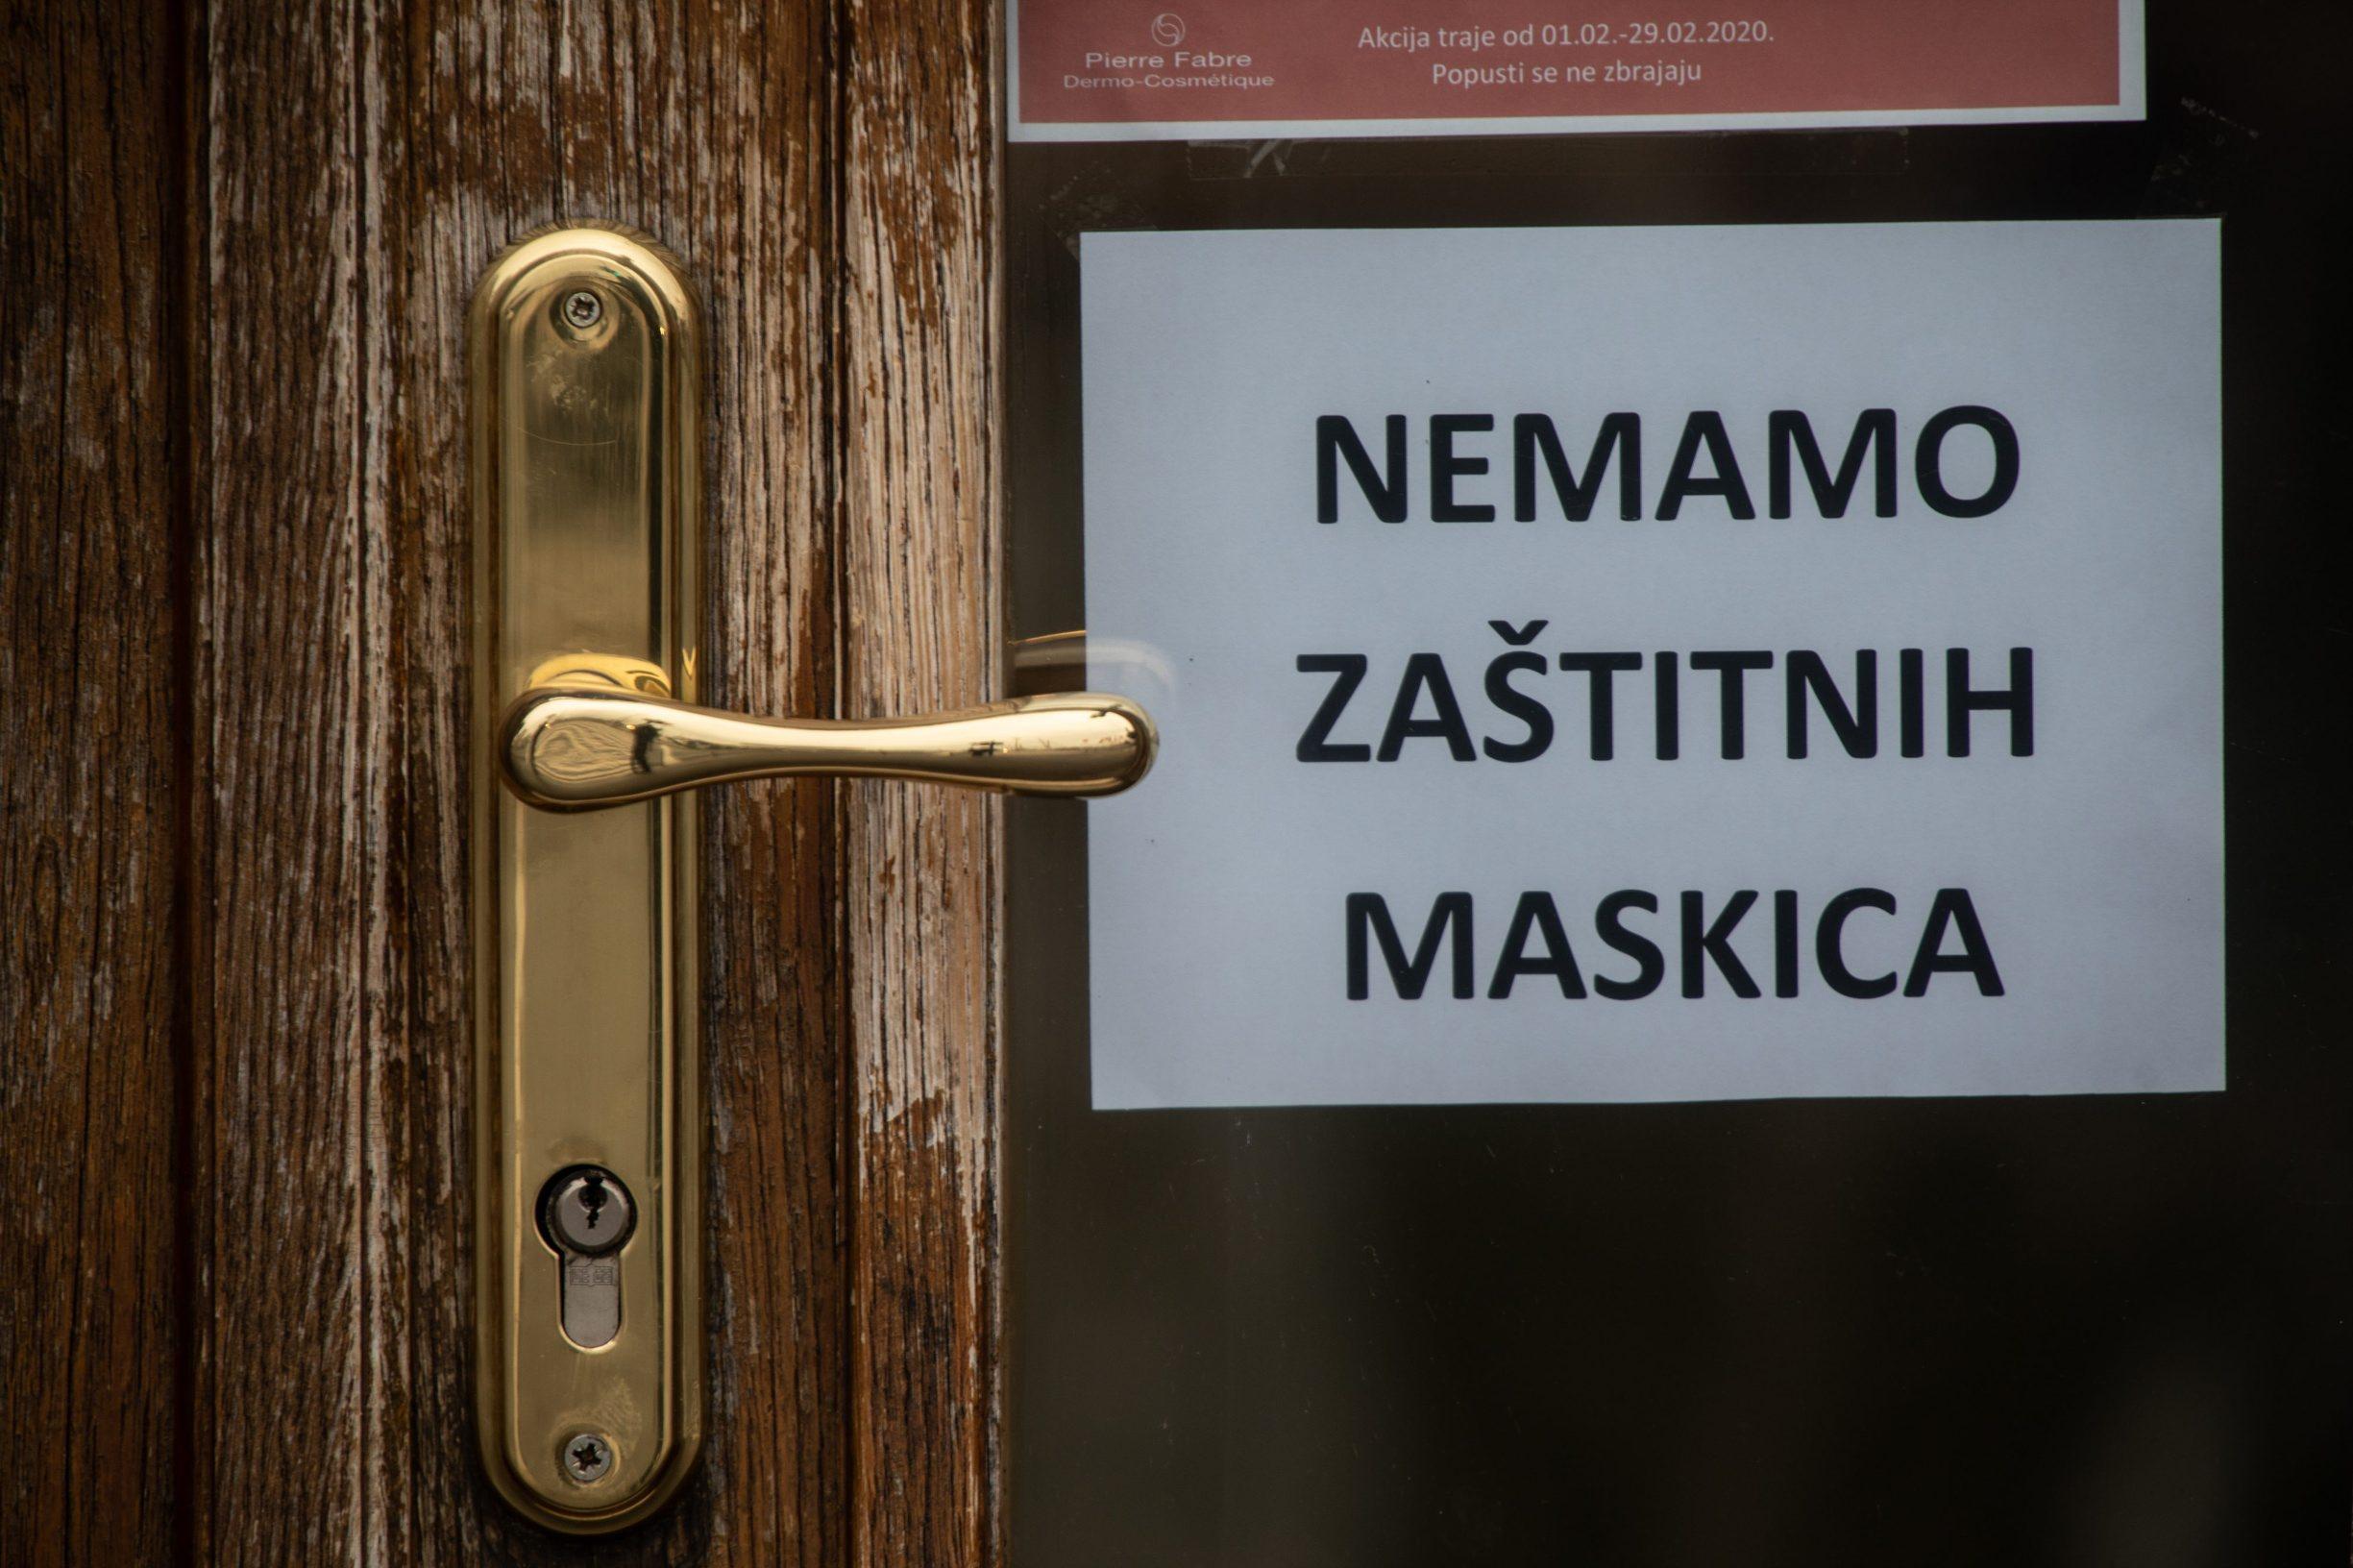 Zbog straha od koronavirusa zaštitne maske za lice su rasprodane